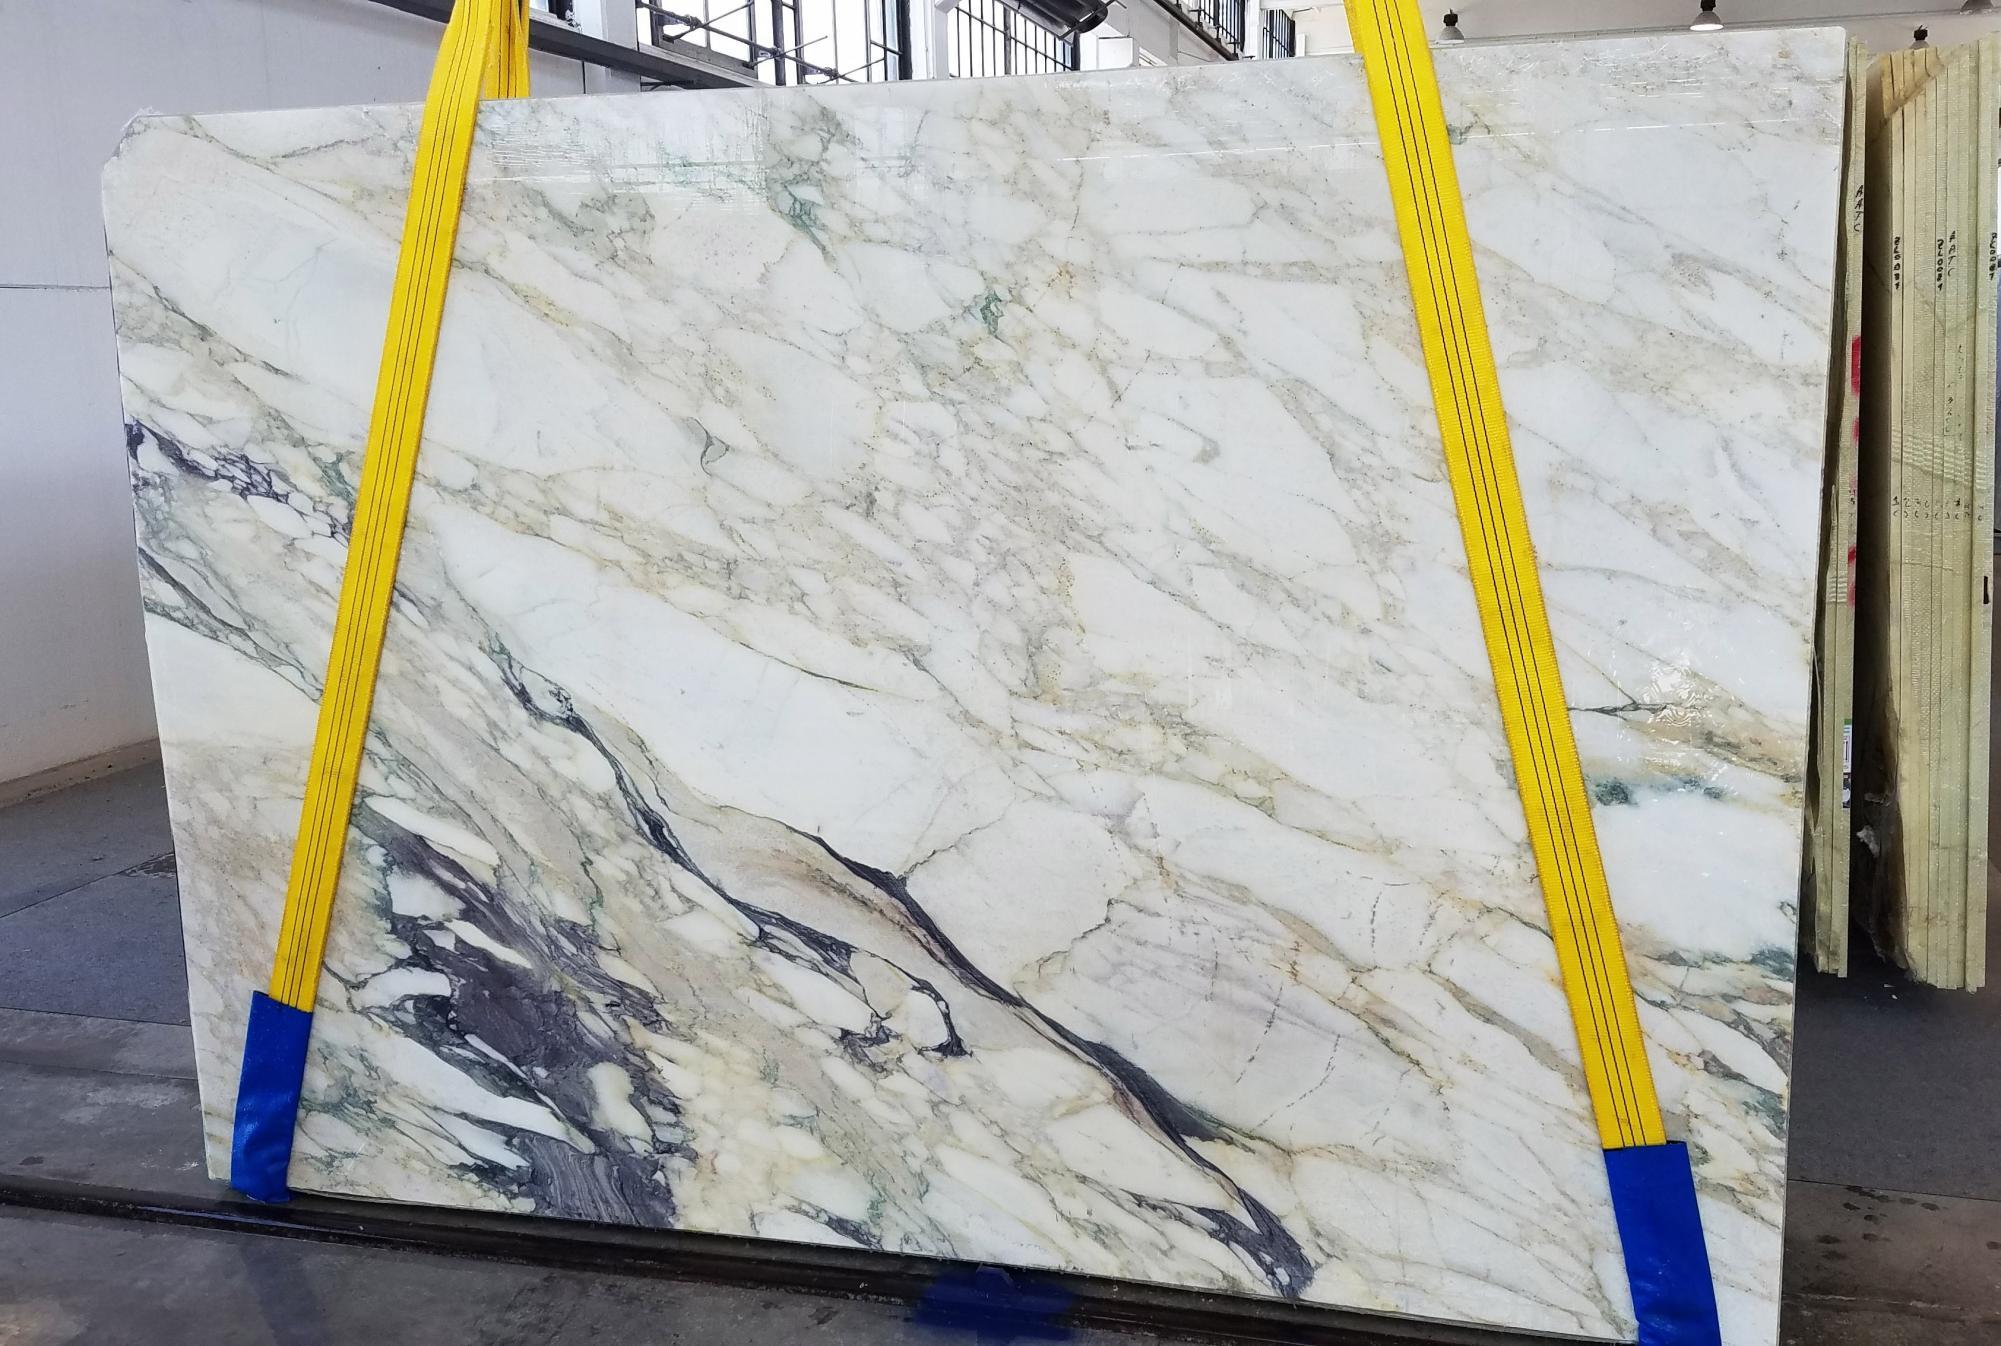 CALACATTA FIORITO Fourniture Veneto (Italie) d' dalles sciées en marbre naturel U0433 , Slab #34